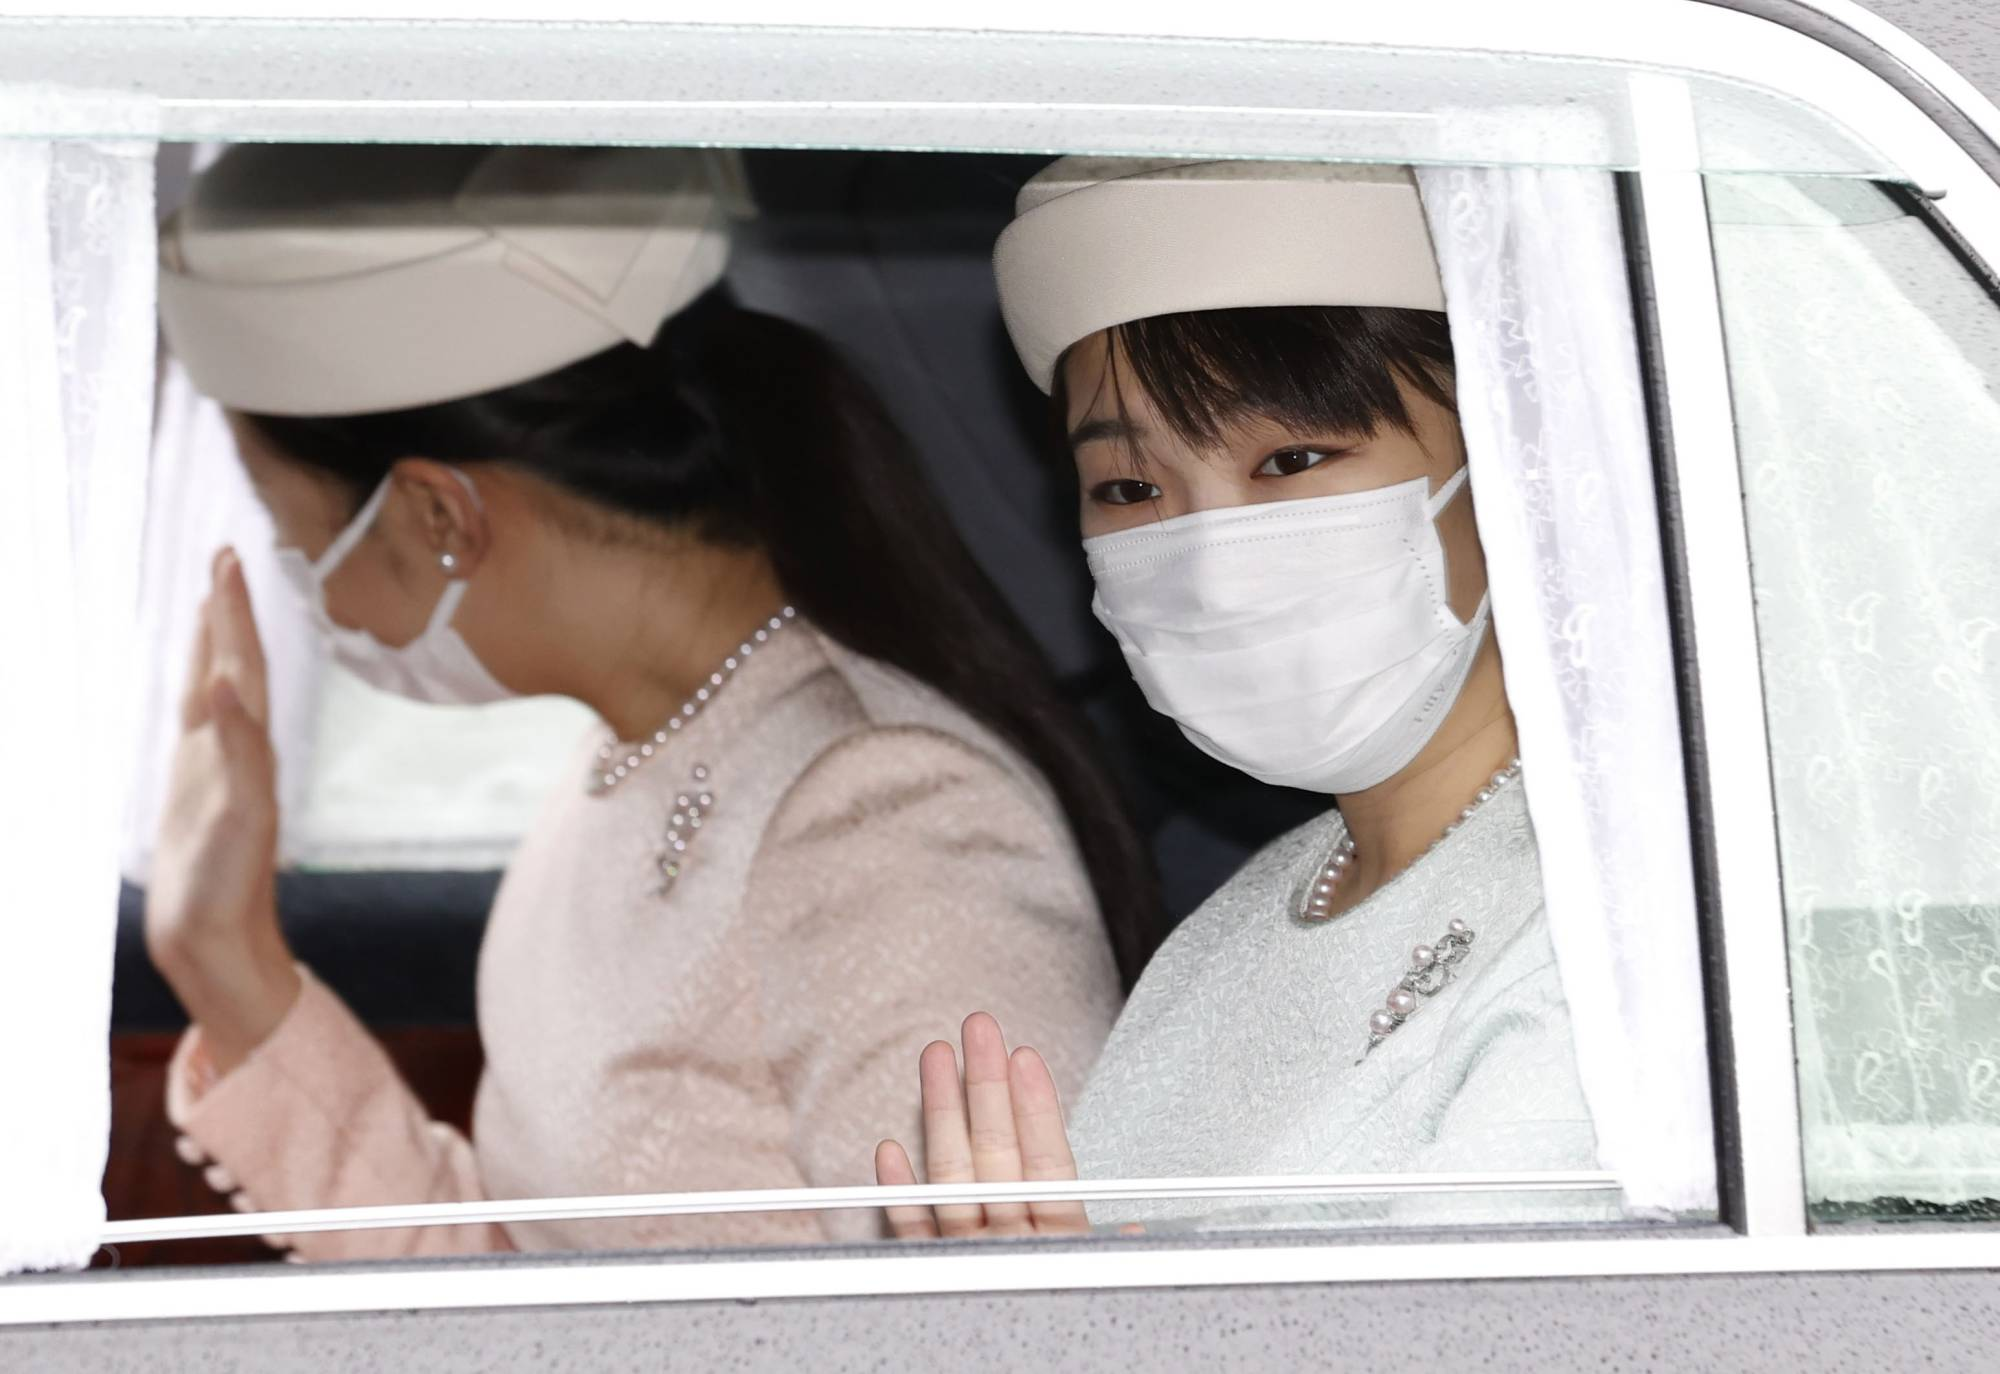 Японы гүнж эзэн хааны гэр бүлээ орхин, энгийн иргэн болж байна